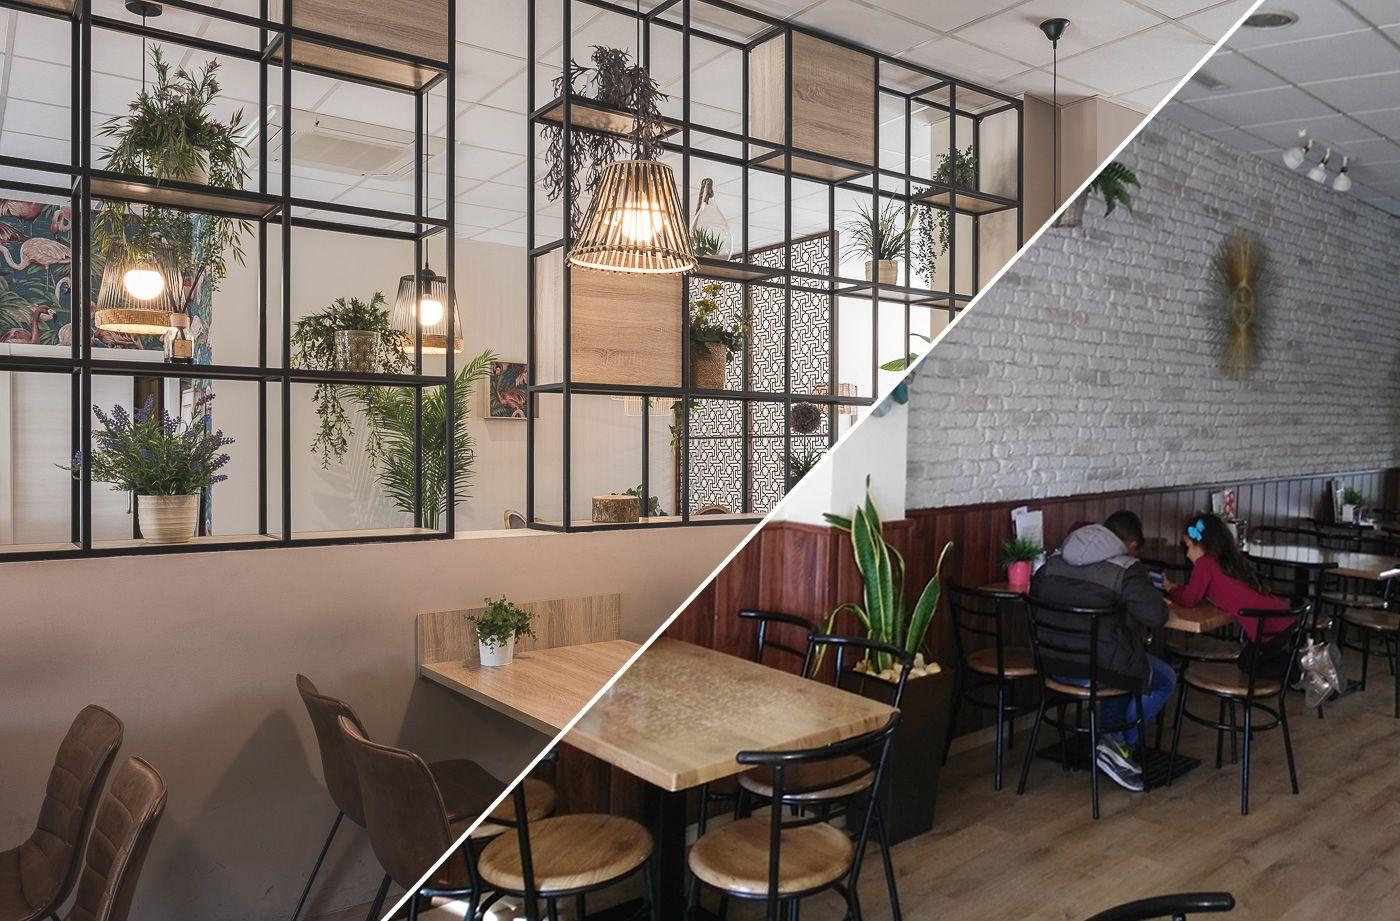 proyectos-interiorismo-interioristas-empresas-reformas-locales-comerciales-cafeterias-kumaru-antes-despues